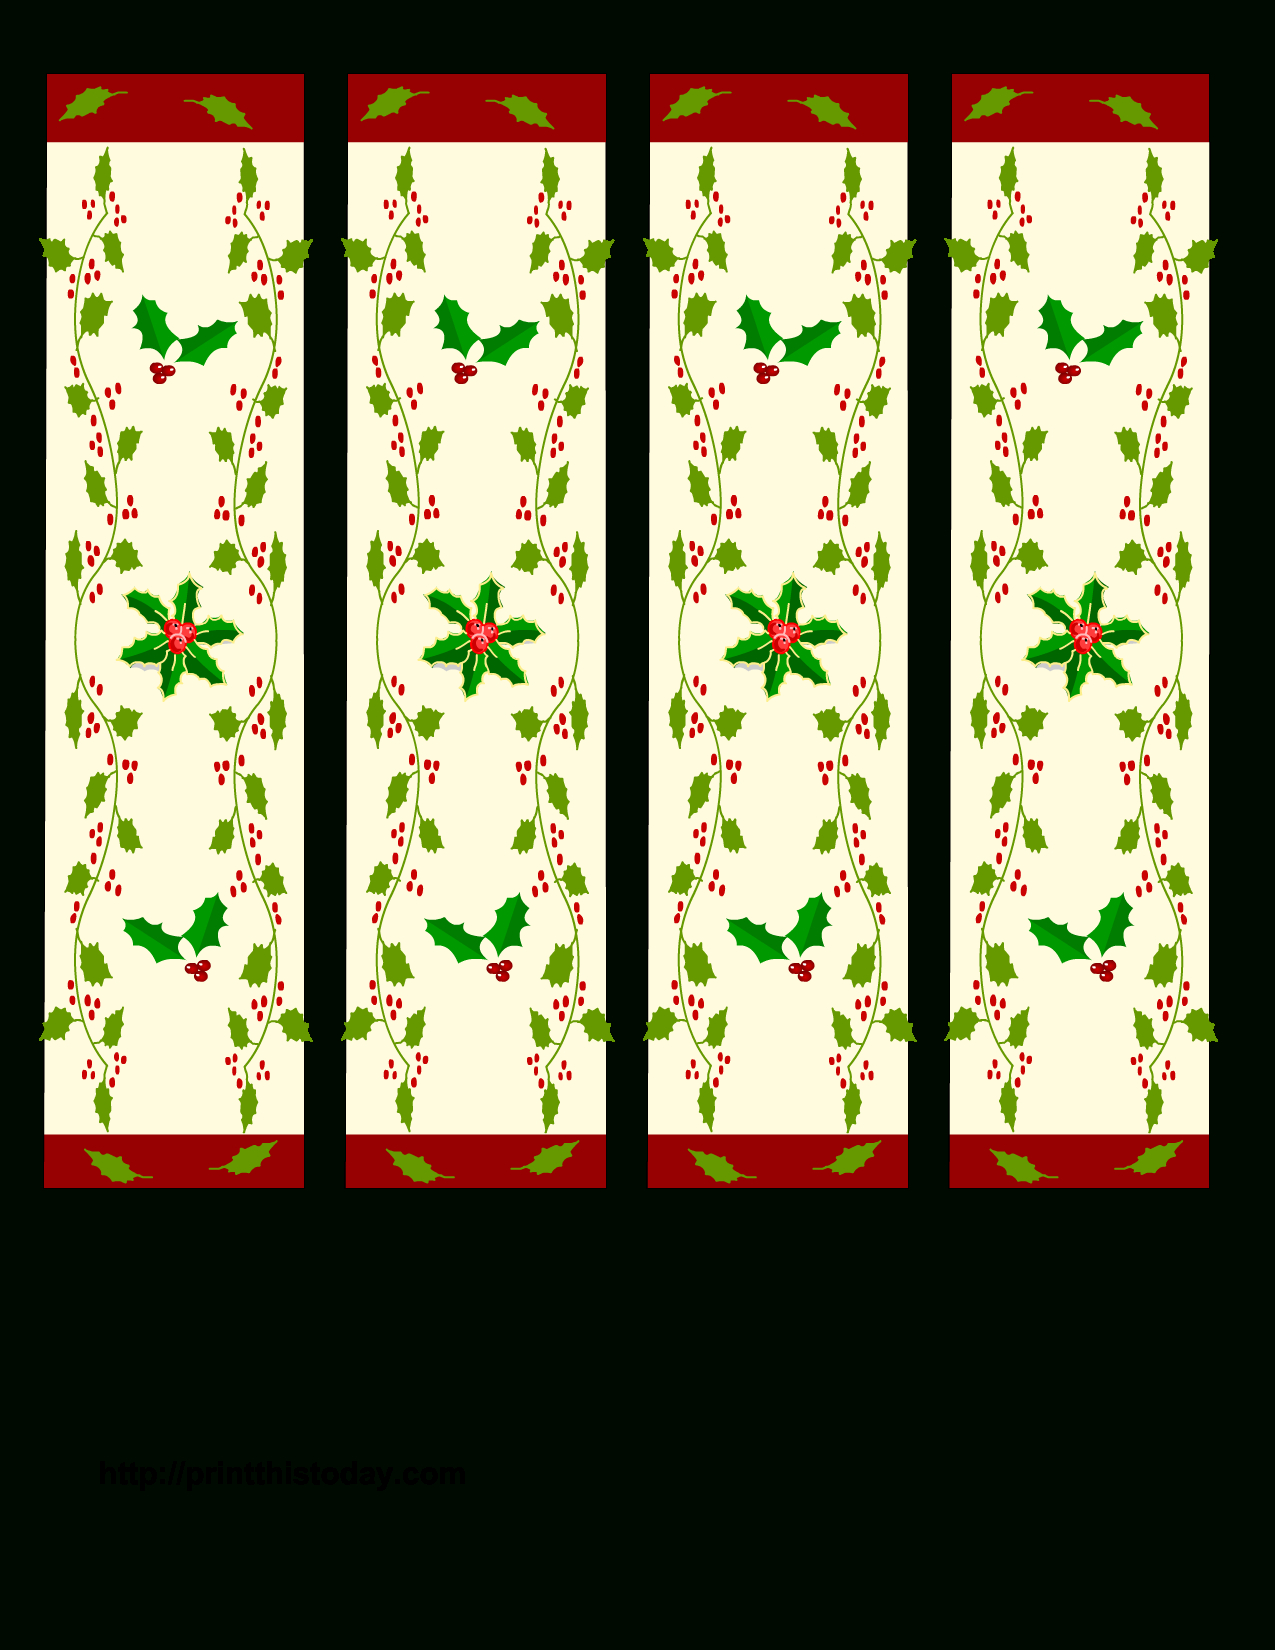 Free Printable Christmas Bookmarks | Christmas Printables - Free Printable Bookmarks For Christmas